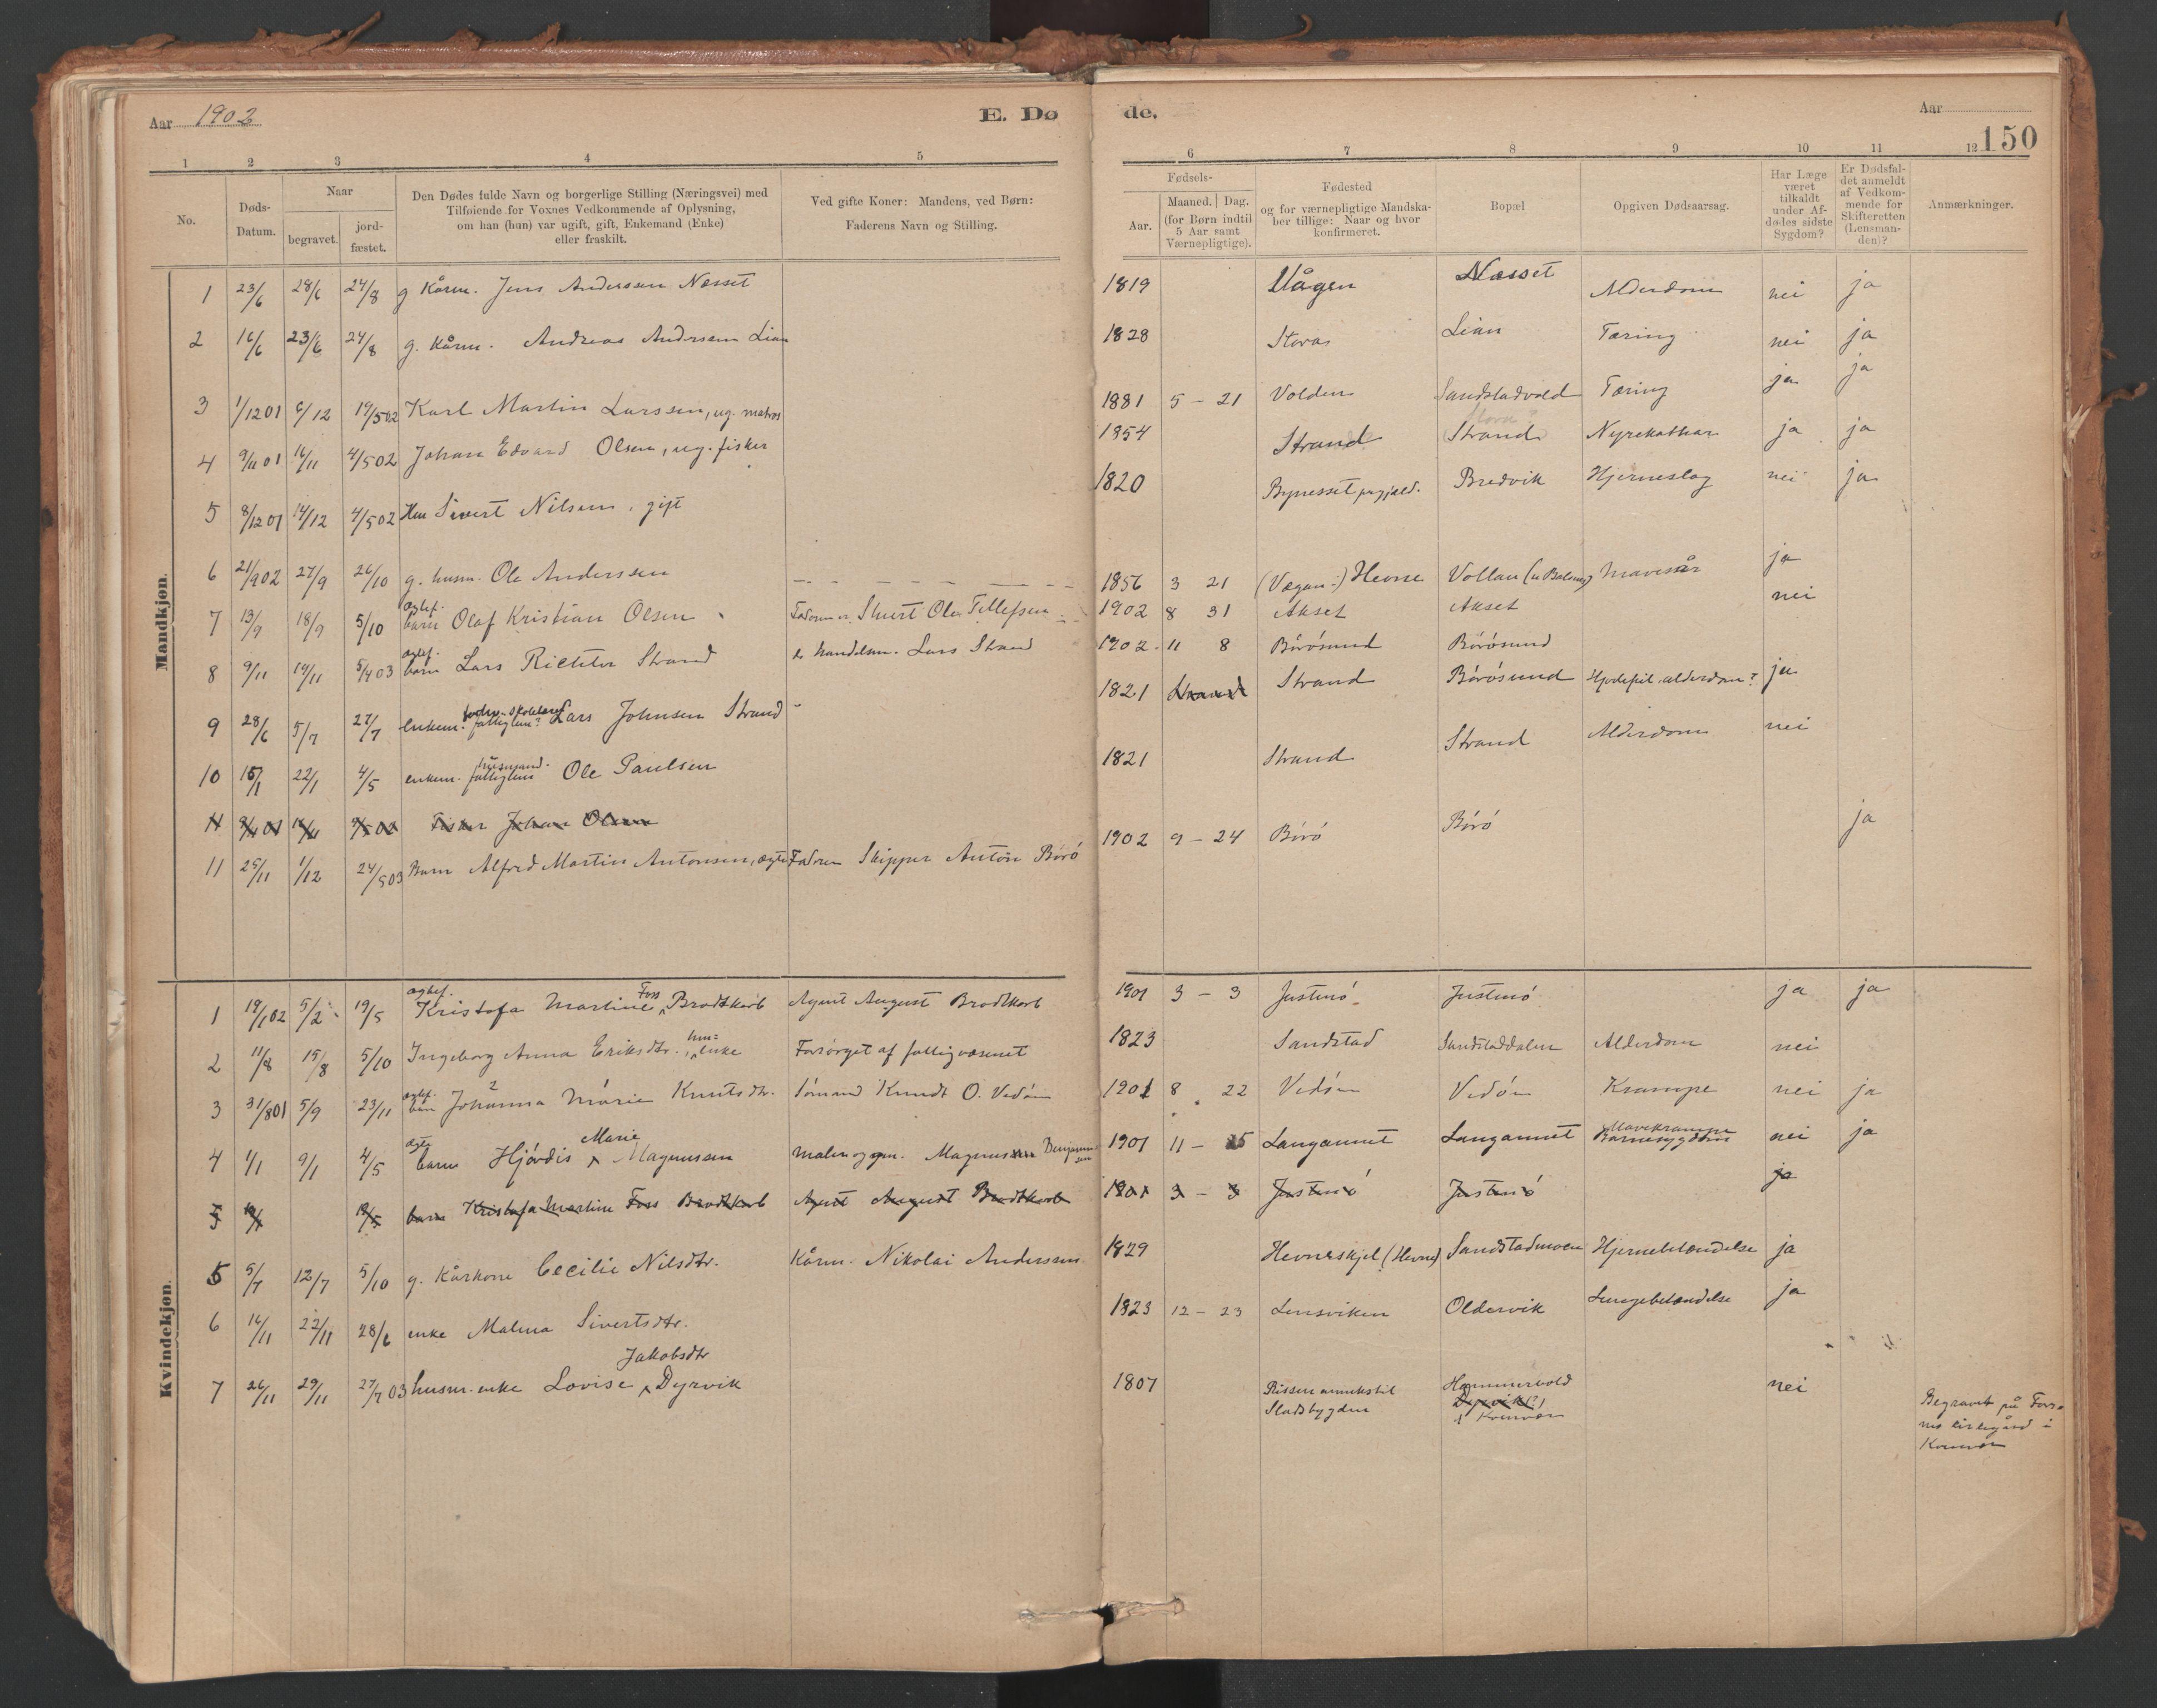 SAT, Ministerialprotokoller, klokkerbøker og fødselsregistre - Sør-Trøndelag, 639/L0572: Ministerialbok nr. 639A01, 1890-1920, s. 150